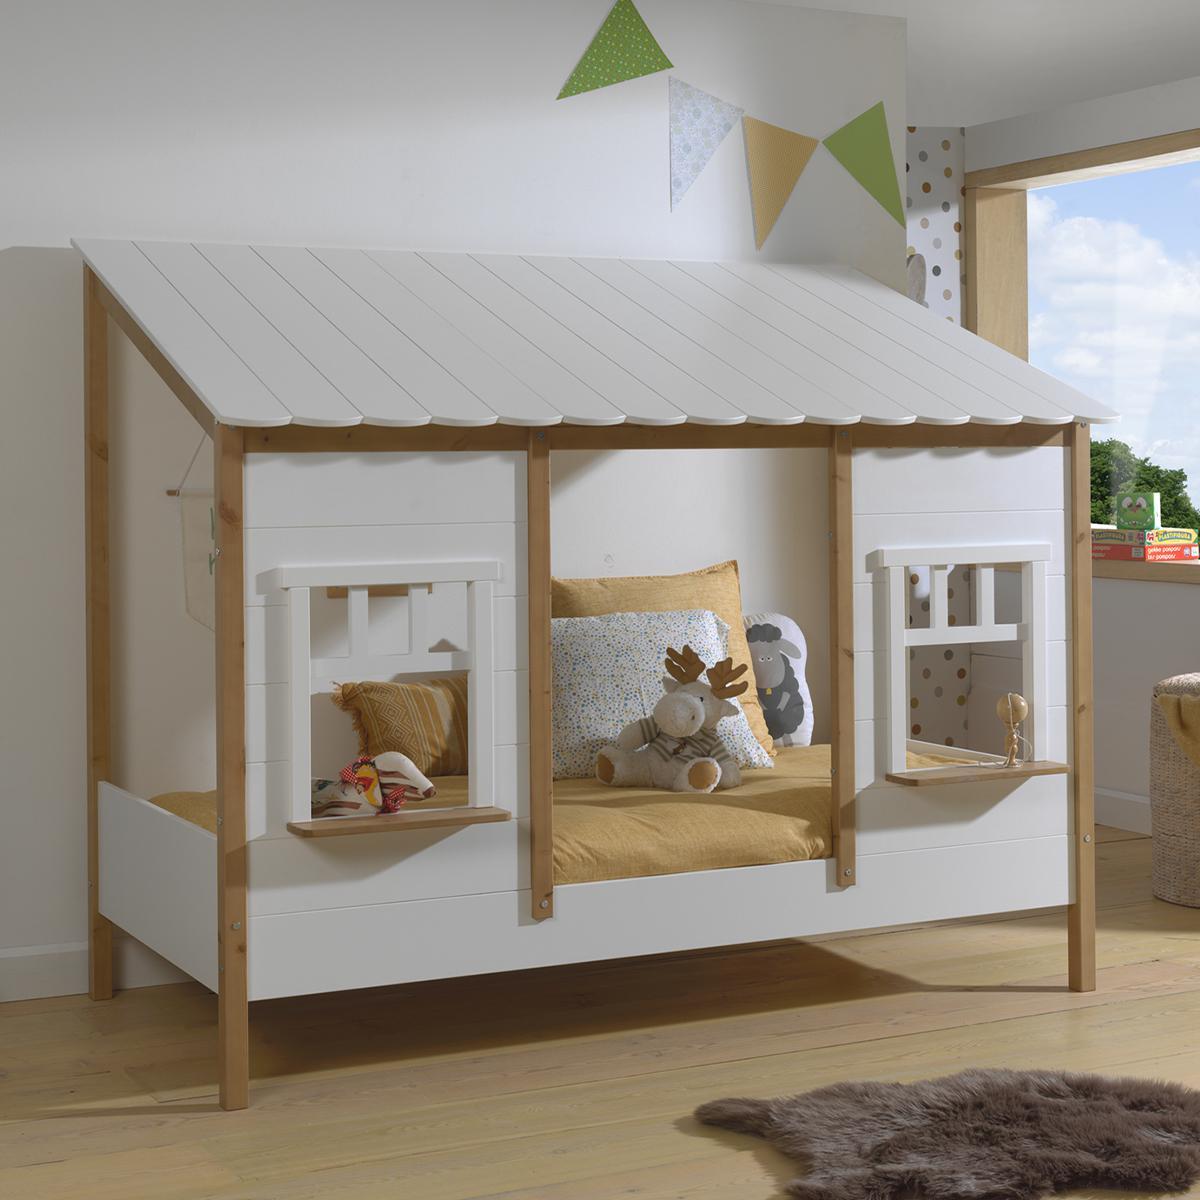 Vipack Lit cabane 90x200 sommier inclus Housebed - Blanc et bois